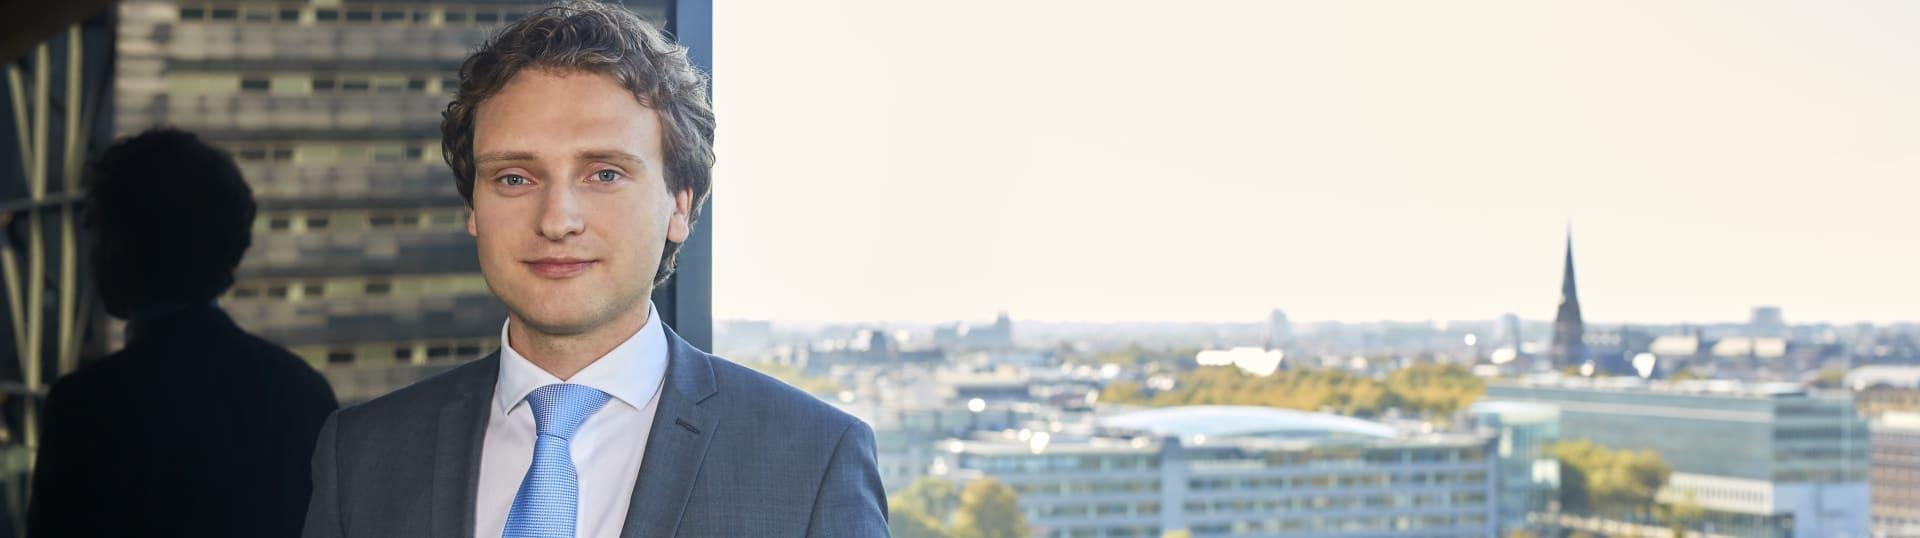 Rob Gehring, advocaat Pels Rijcken